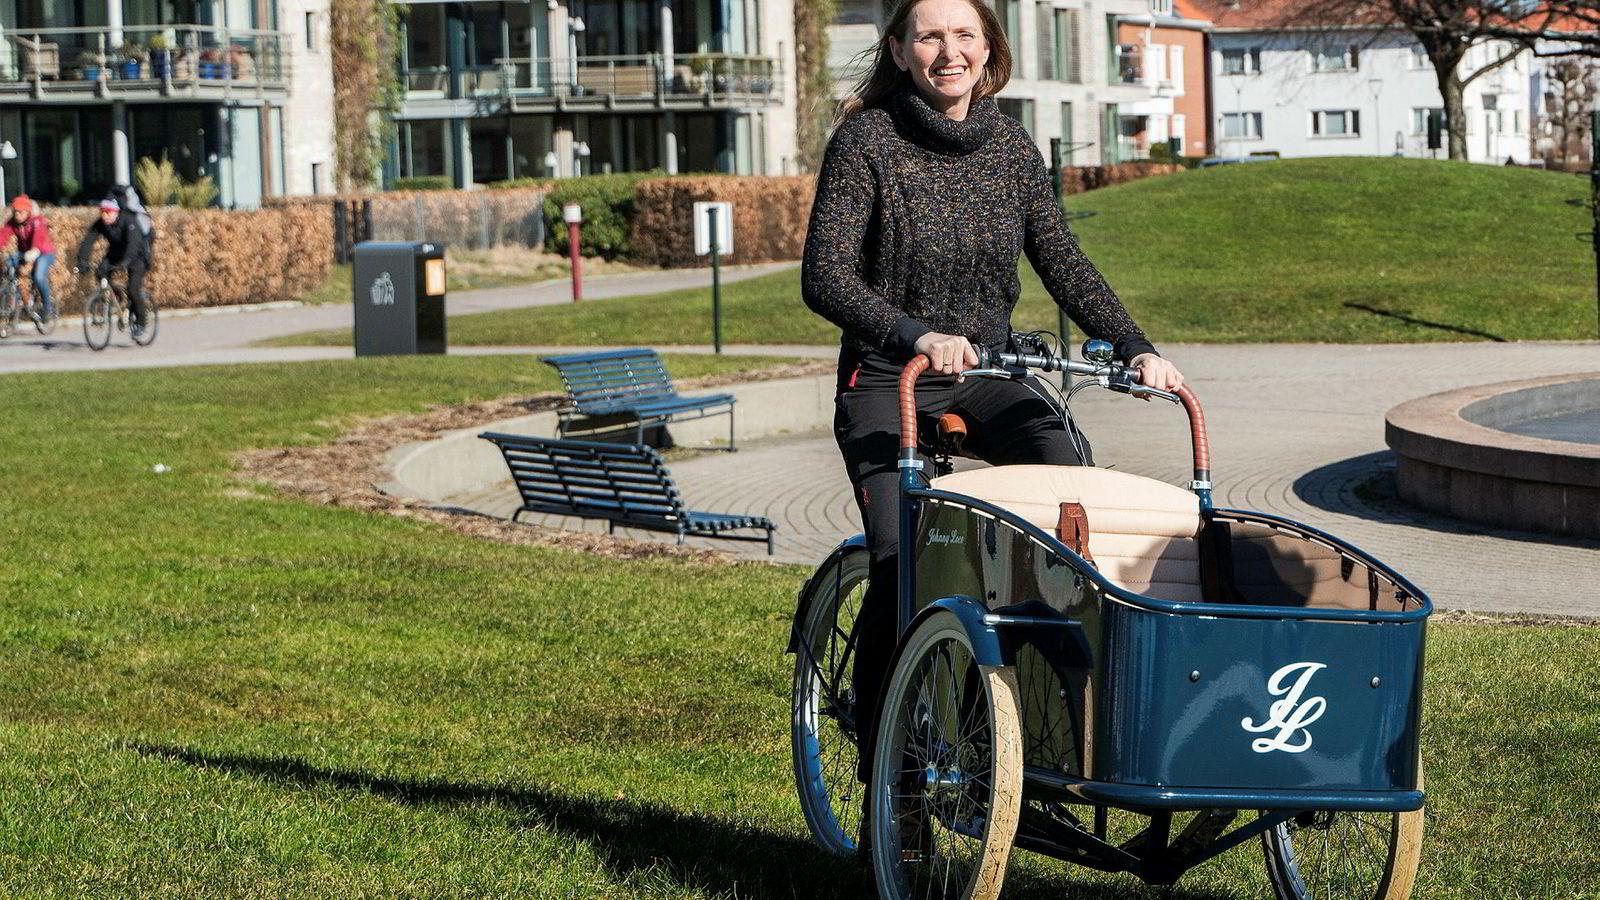 Laila Nyborg er «en av driverne» bak Sykkelpikene as, som har opplevd enorm vekst i el-sykkelsalget.